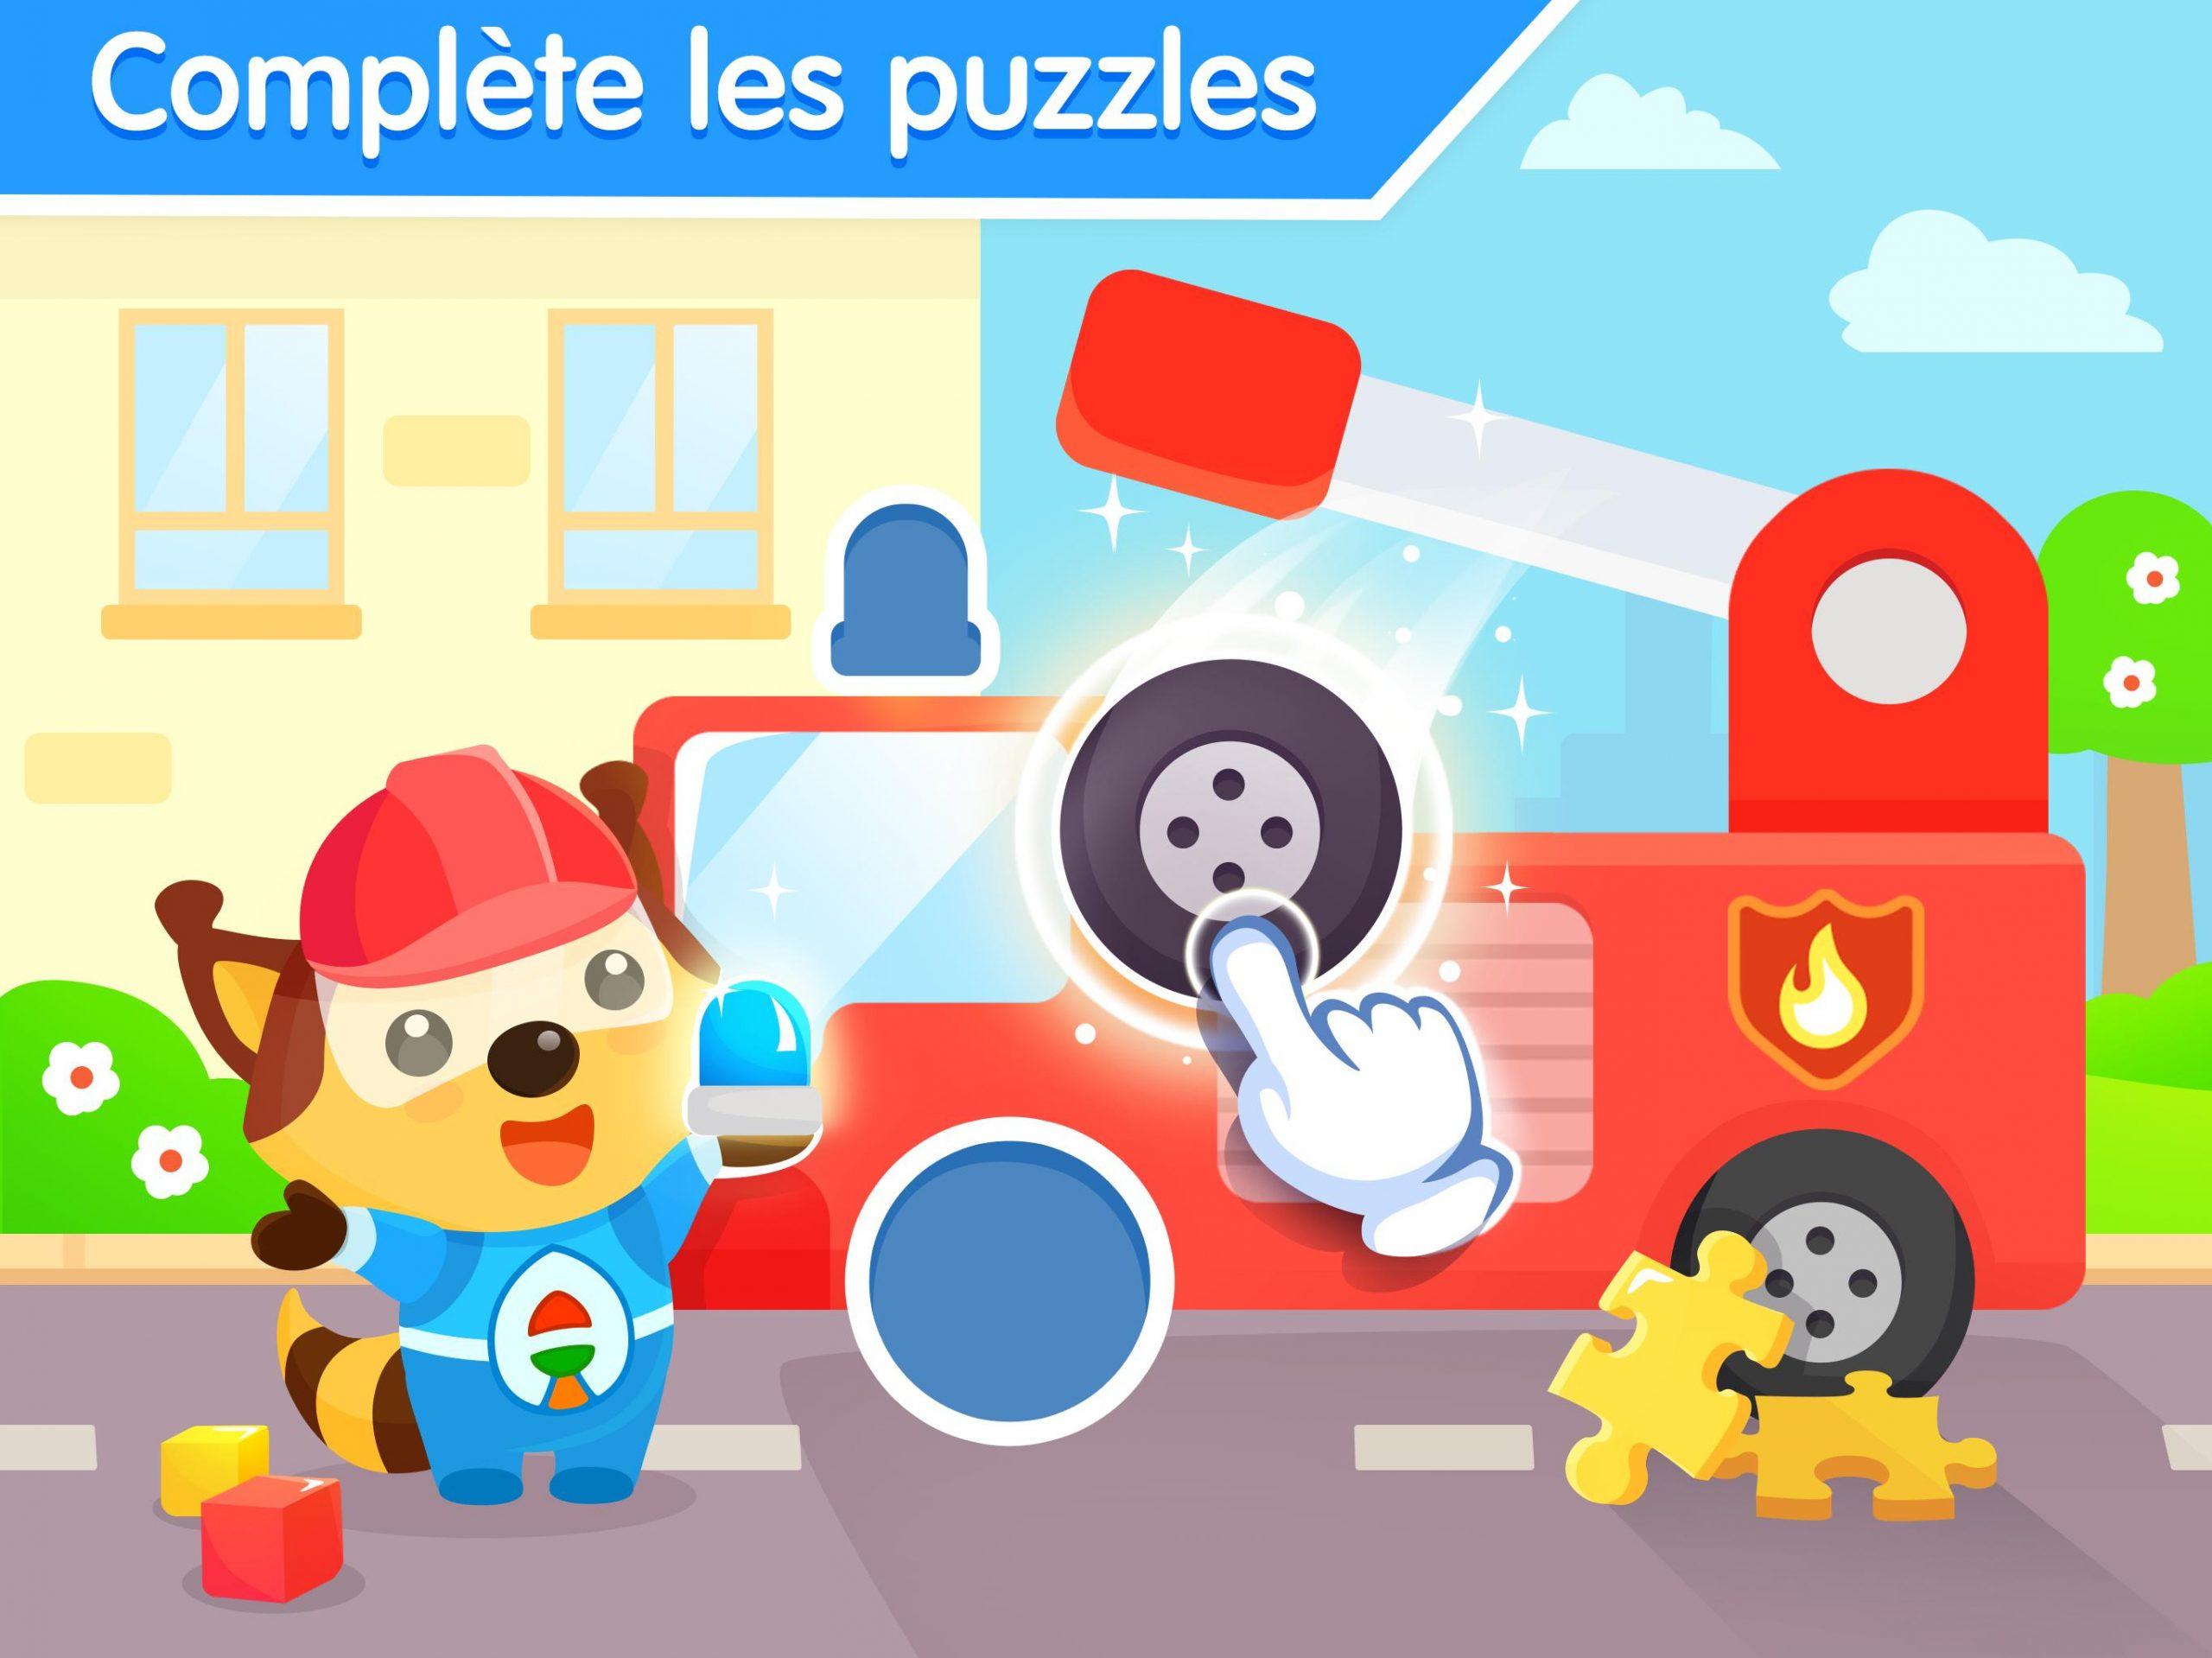 Jeux De Puzzle Pour Bebe 3 Ans - Jeu Éducatif Pour Android concernant Jeux Gratuit 3 Ans